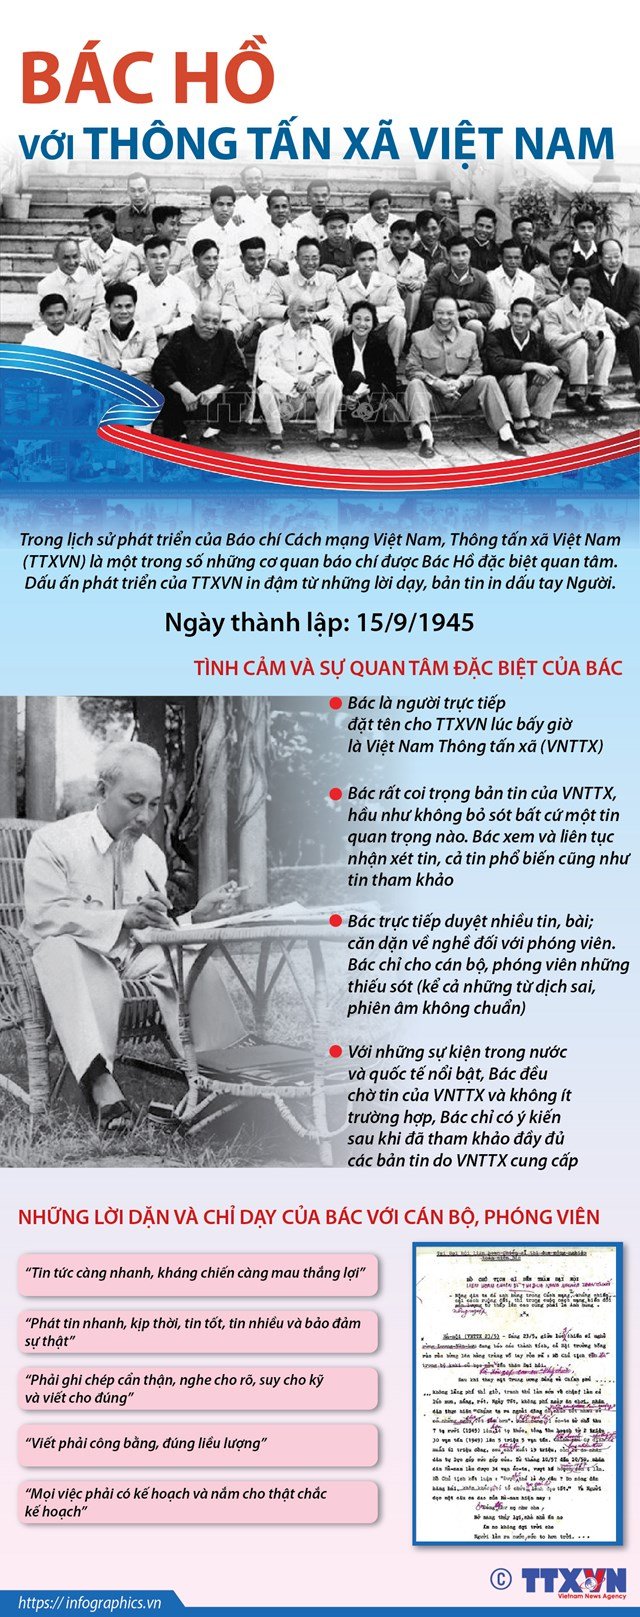 Bác Hồ với Thông tấn xã Việt Nam - Ảnh 1